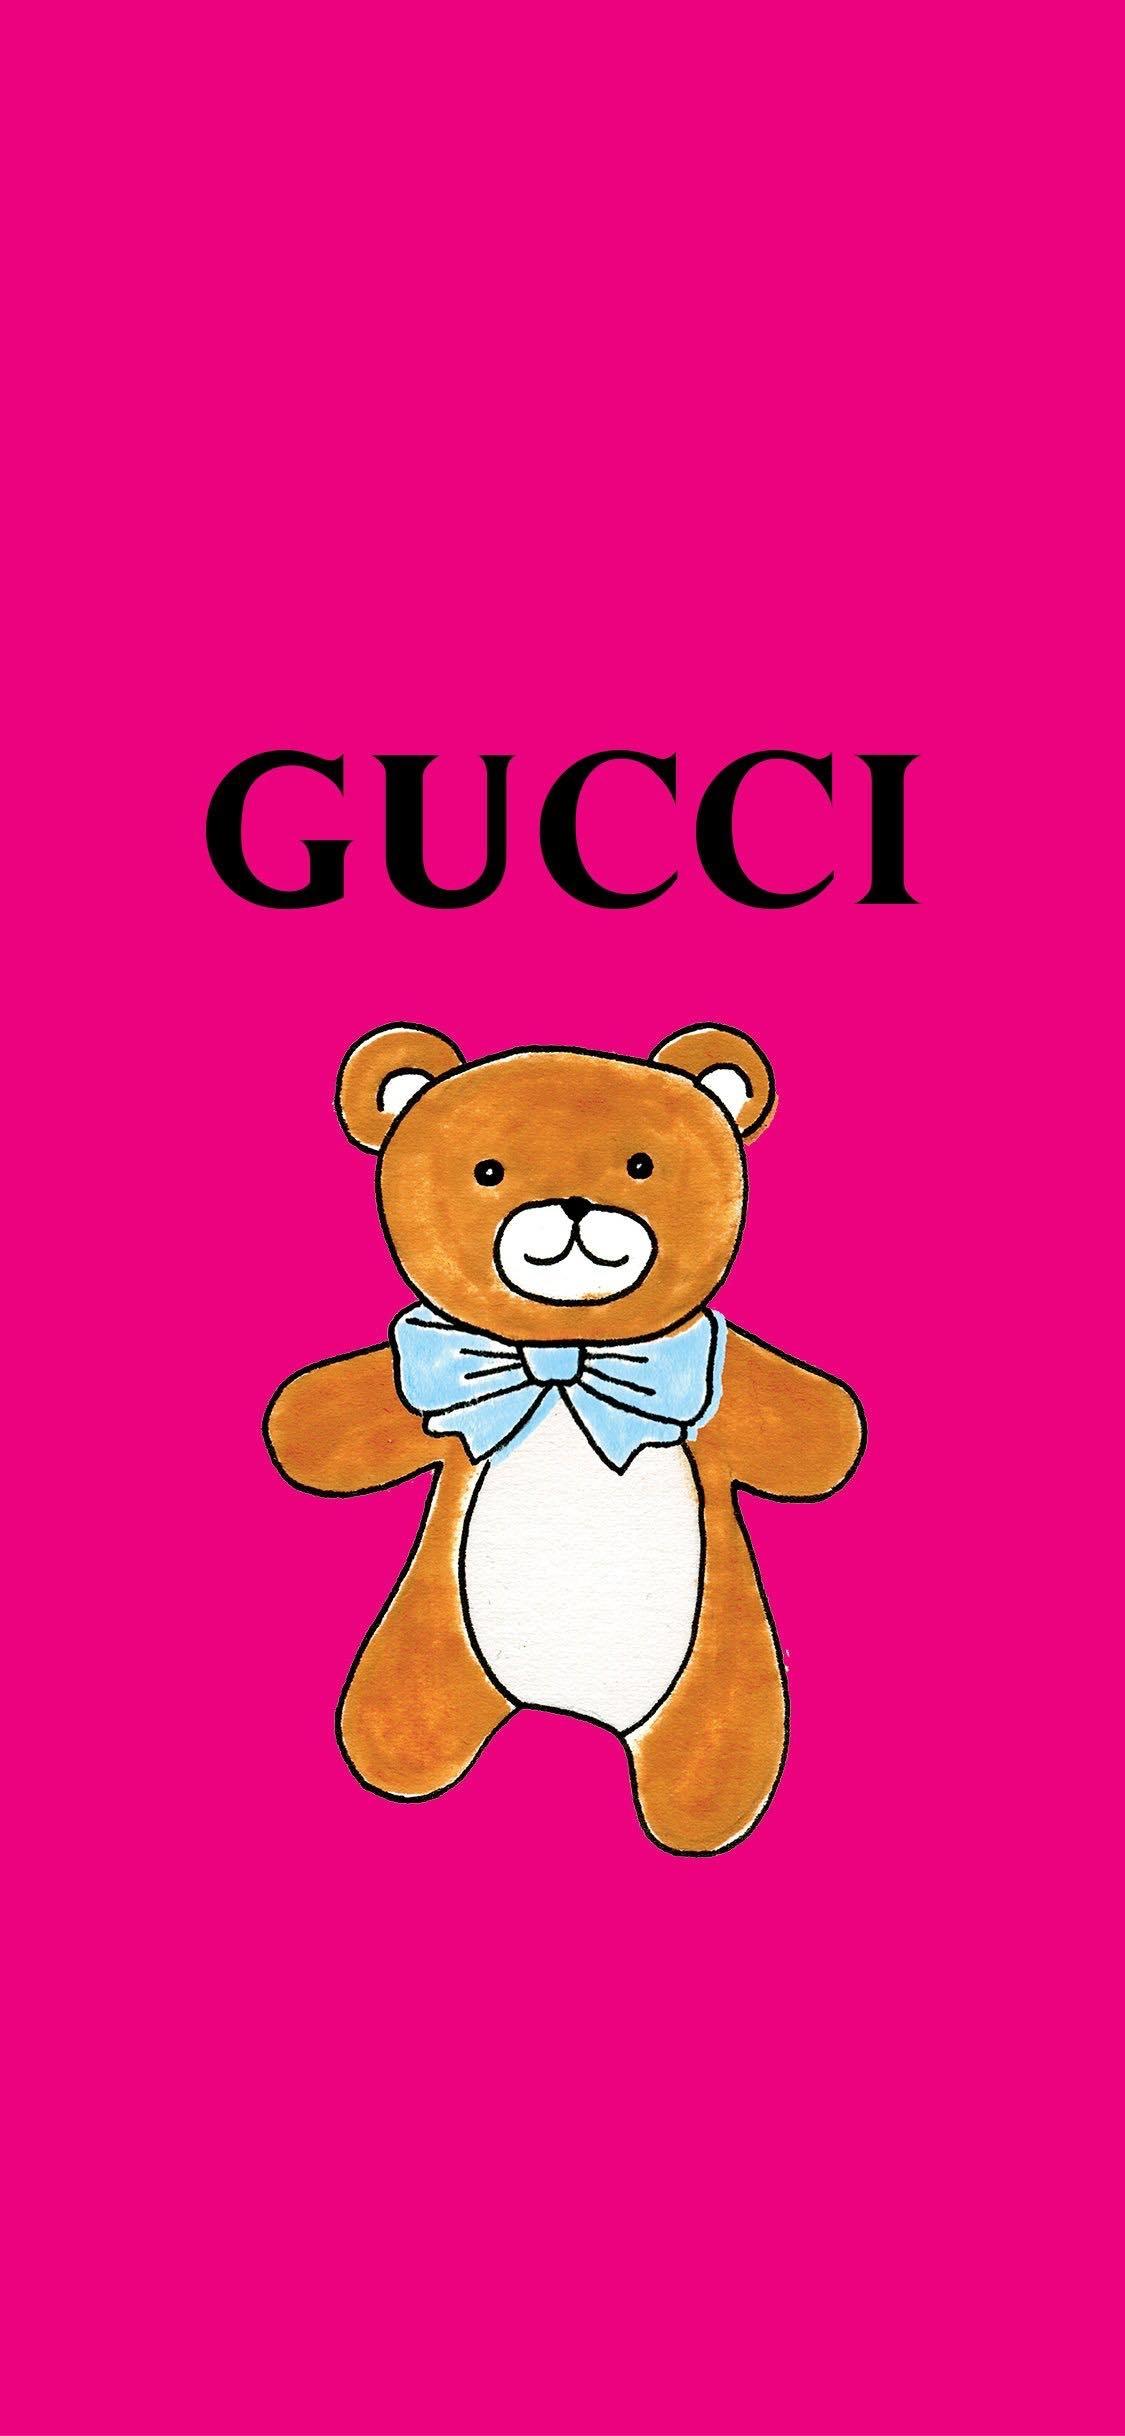 超萌GUCCI LINE貼圖限時免費下載!還有療癒可愛泰迪熊主題~加入好友就可獲得啦